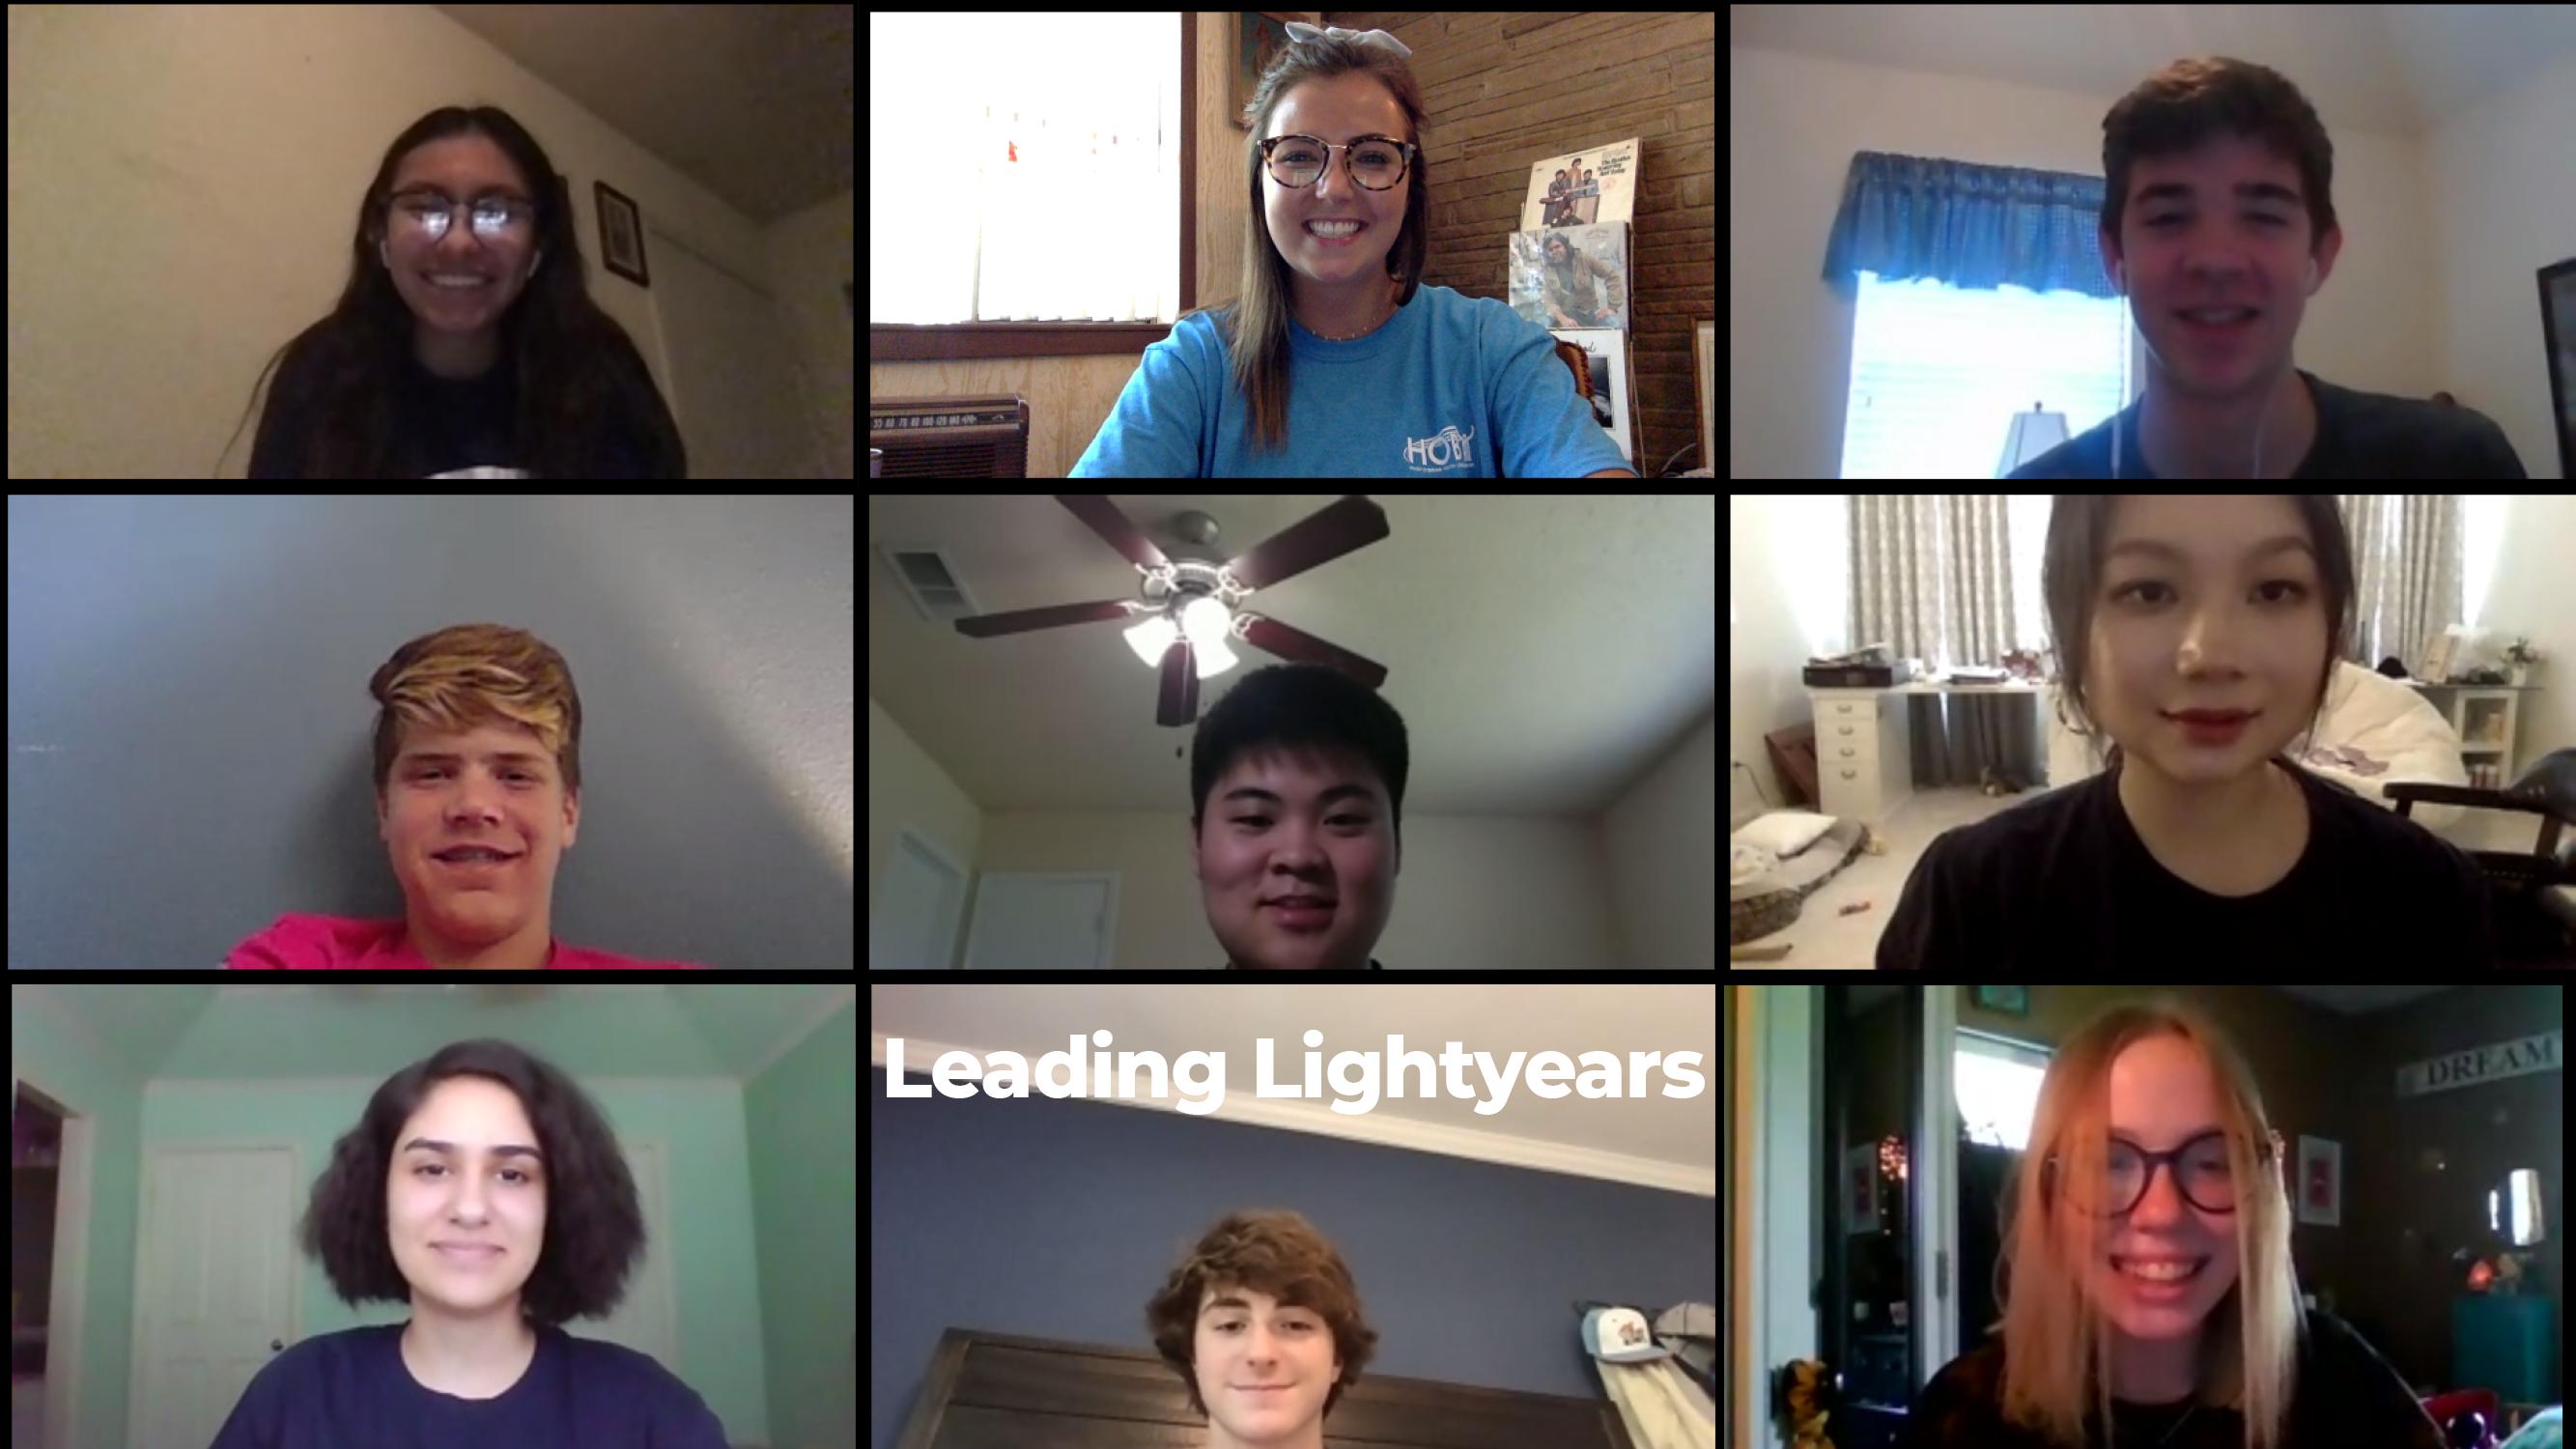 Leading Lightyears Group